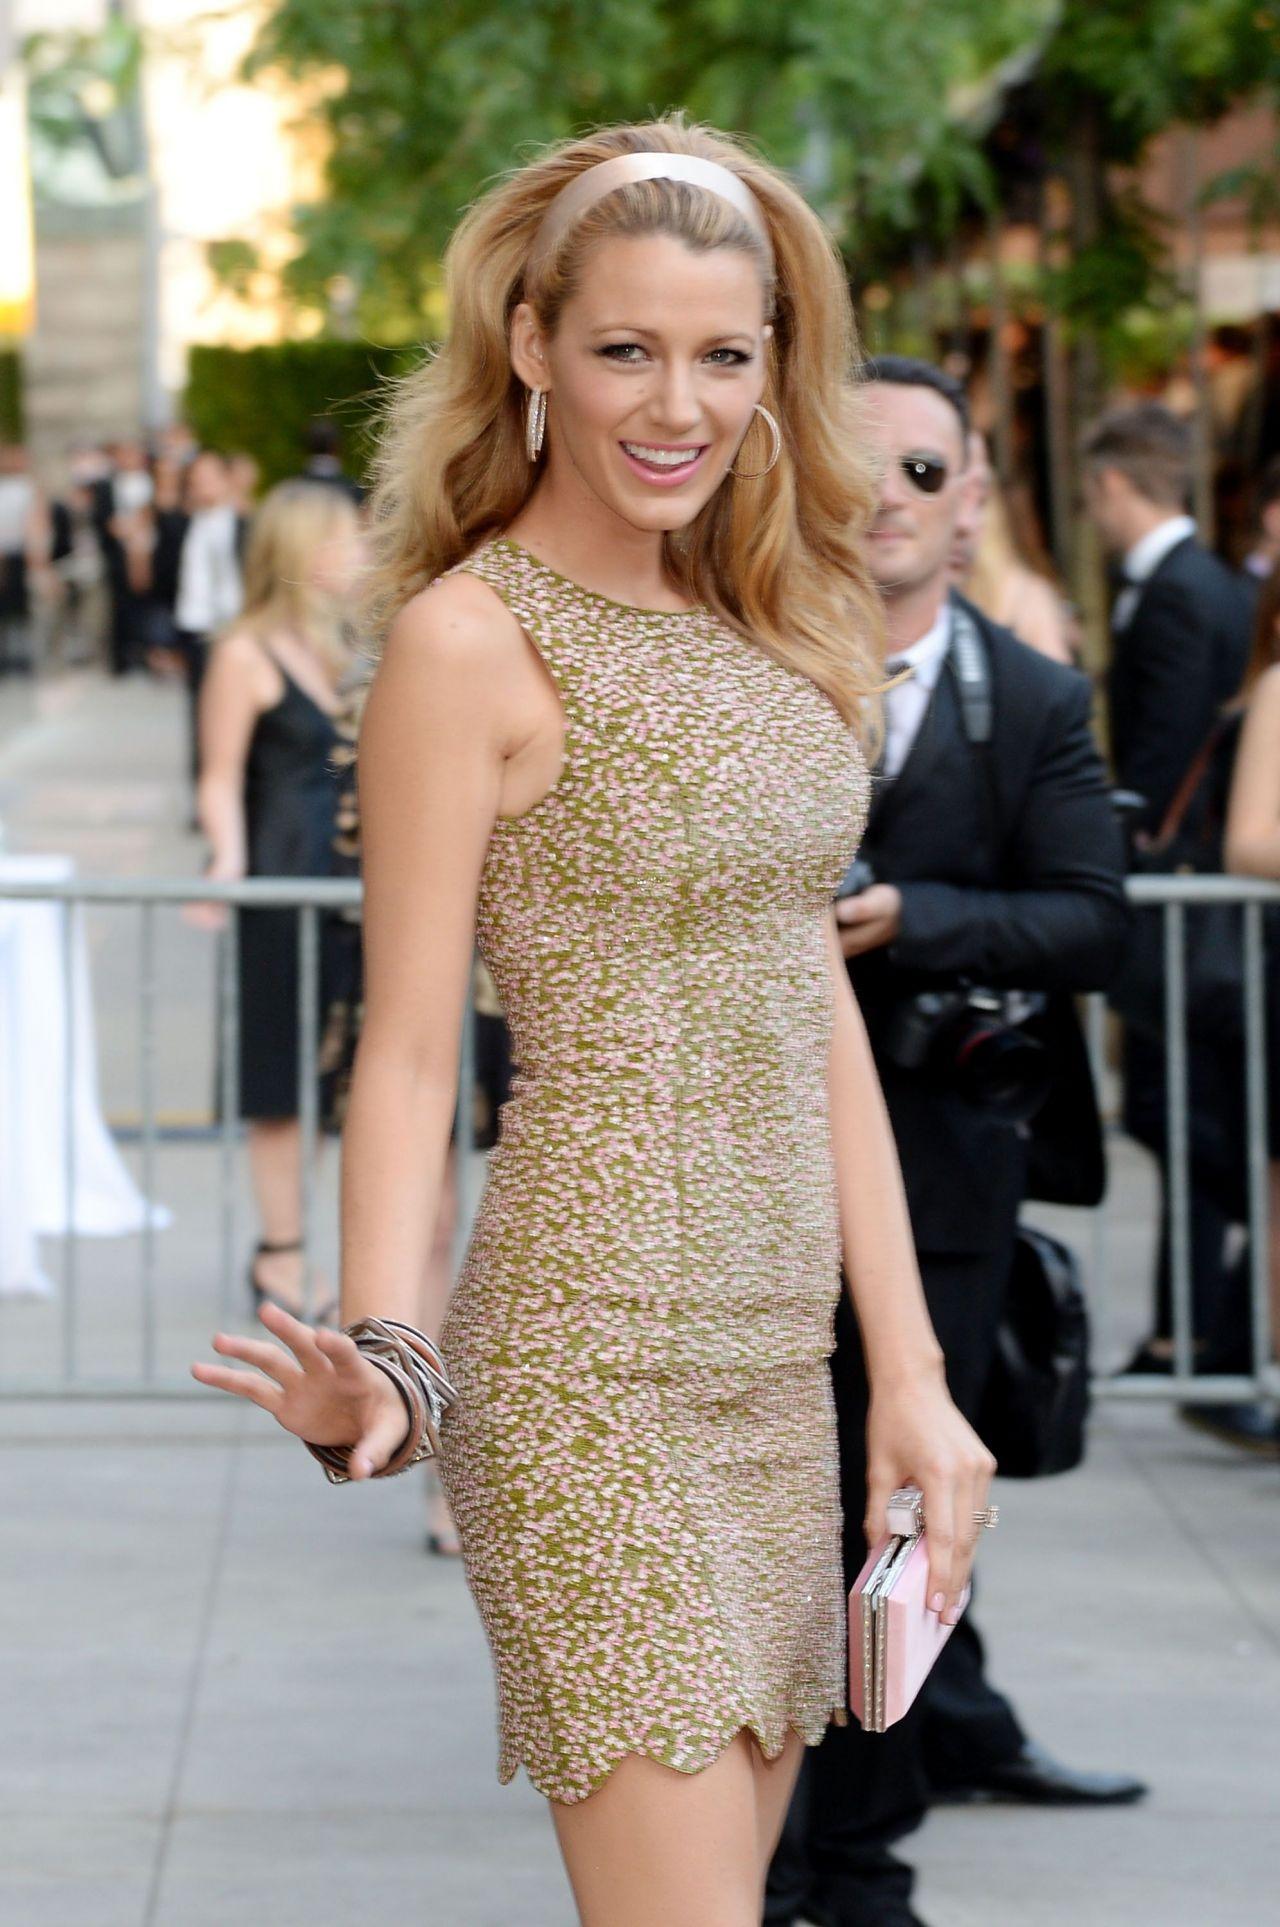 Blake Lively Wearing Michael Kors Dress 2014 Cfda